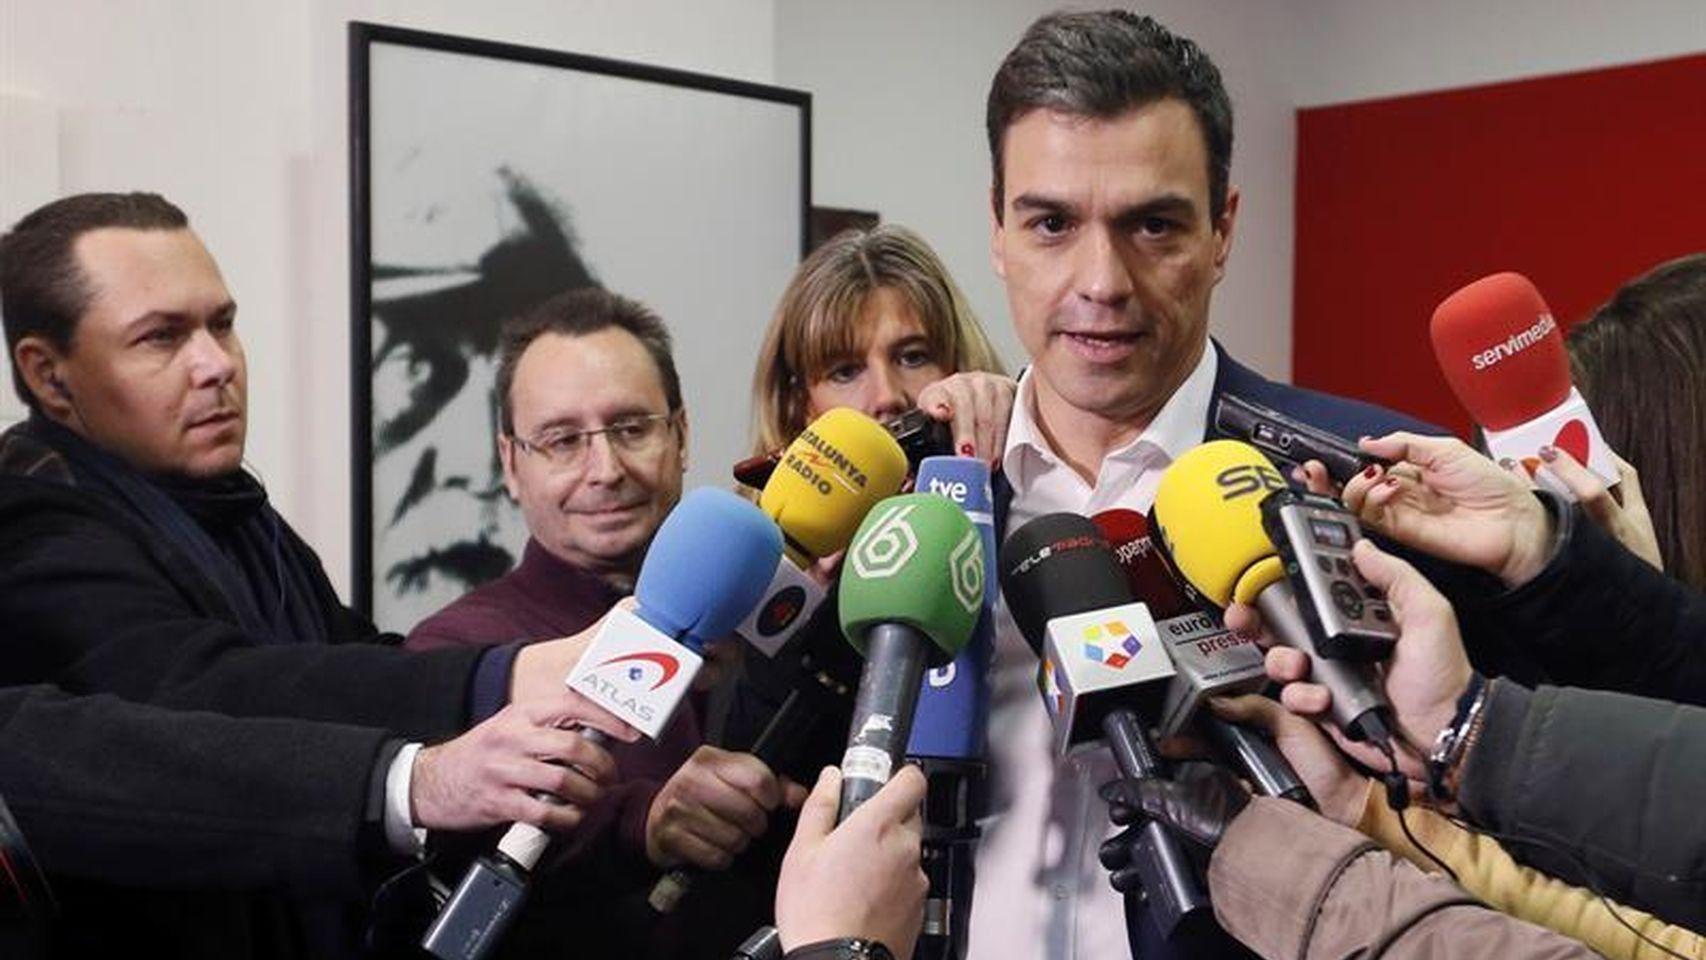 Pedro Sánchez atiende a los medios tras votar en su consulta a la militancia   Fernando Alvarado para Efe